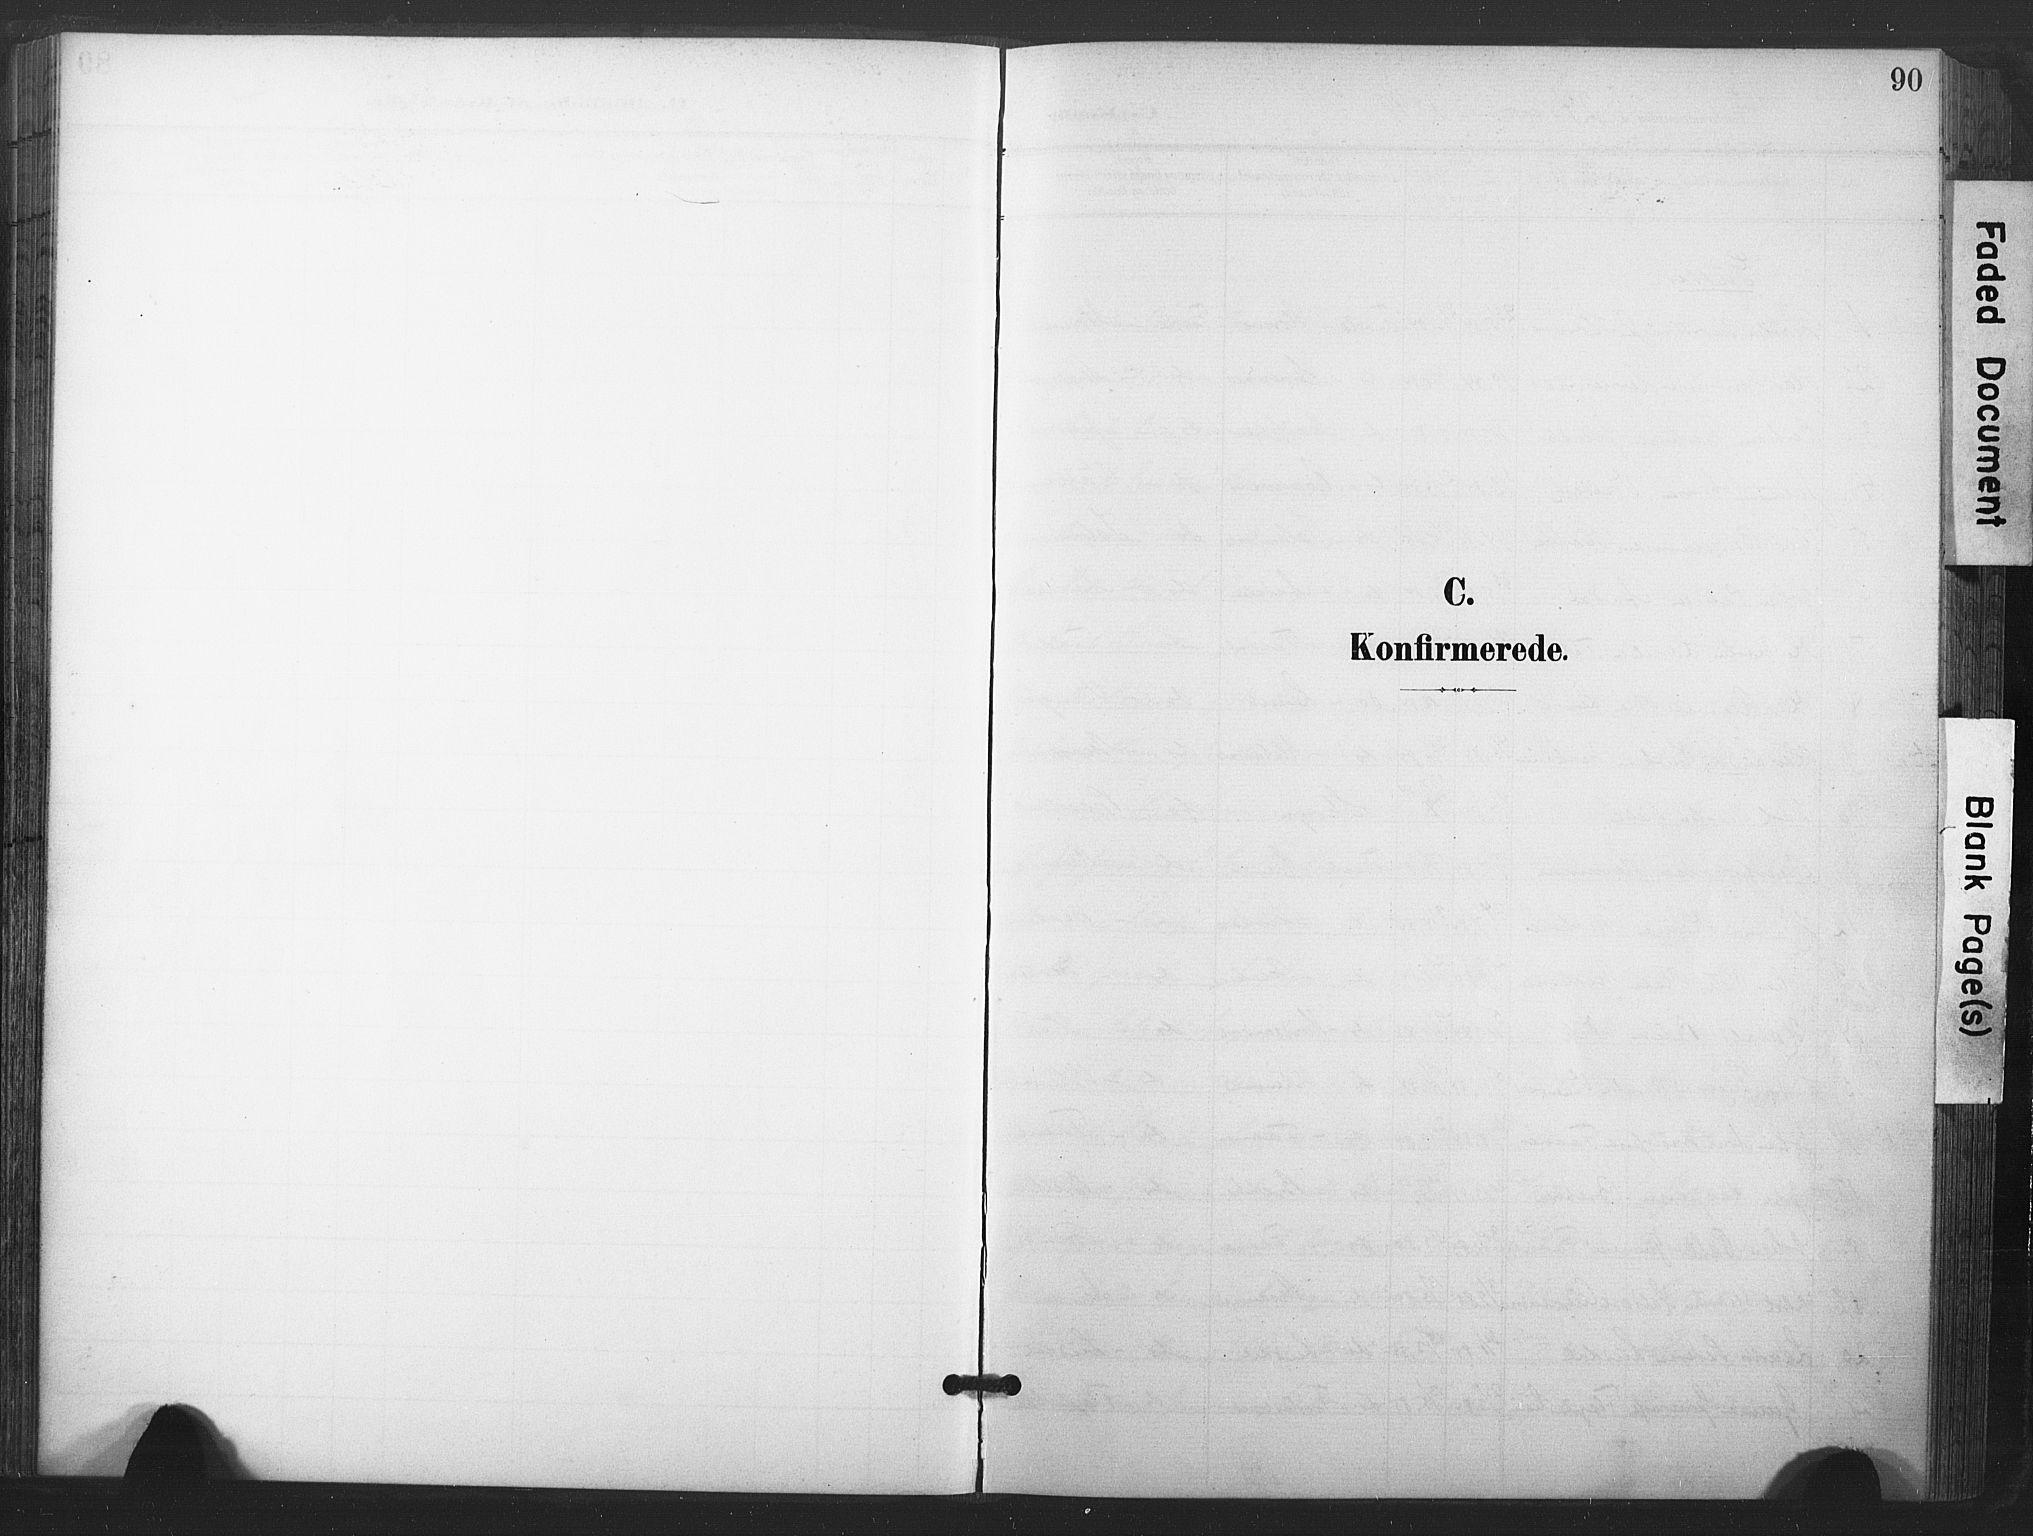 SAT, Ministerialprotokoller, klokkerbøker og fødselsregistre - Nord-Trøndelag, 713/L0122: Ministerialbok nr. 713A11, 1899-1910, s. 90